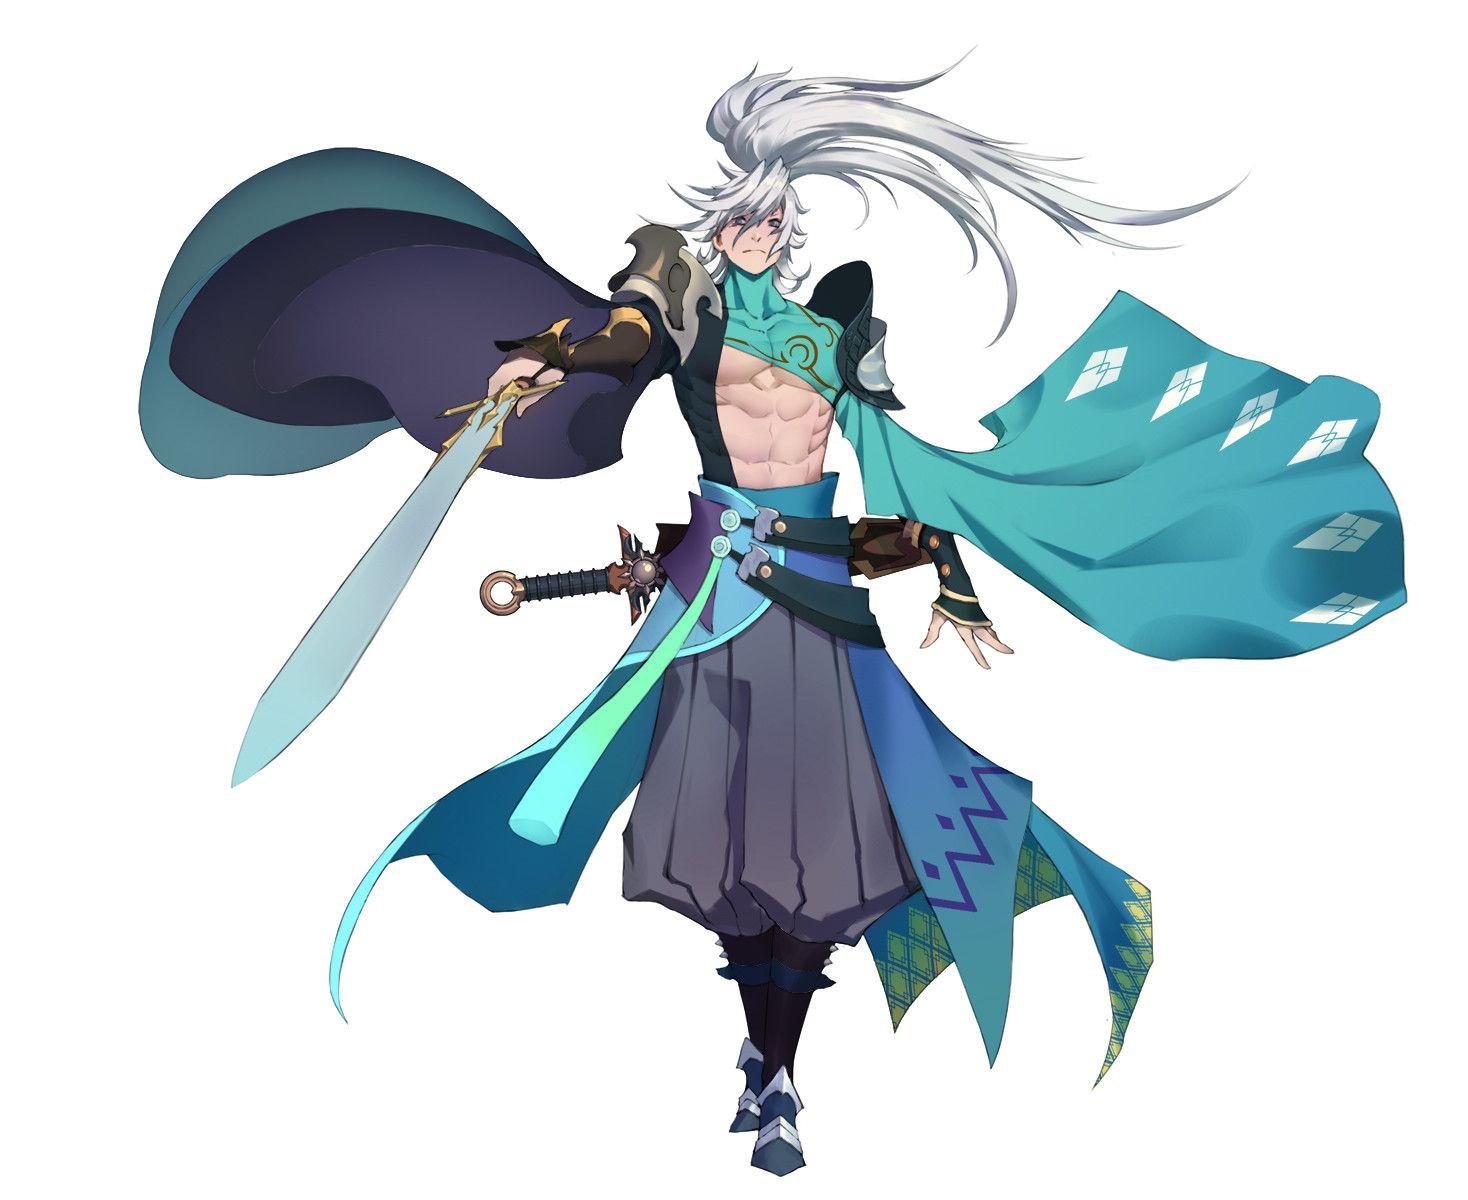 ArtStation Swordsman, X Fay